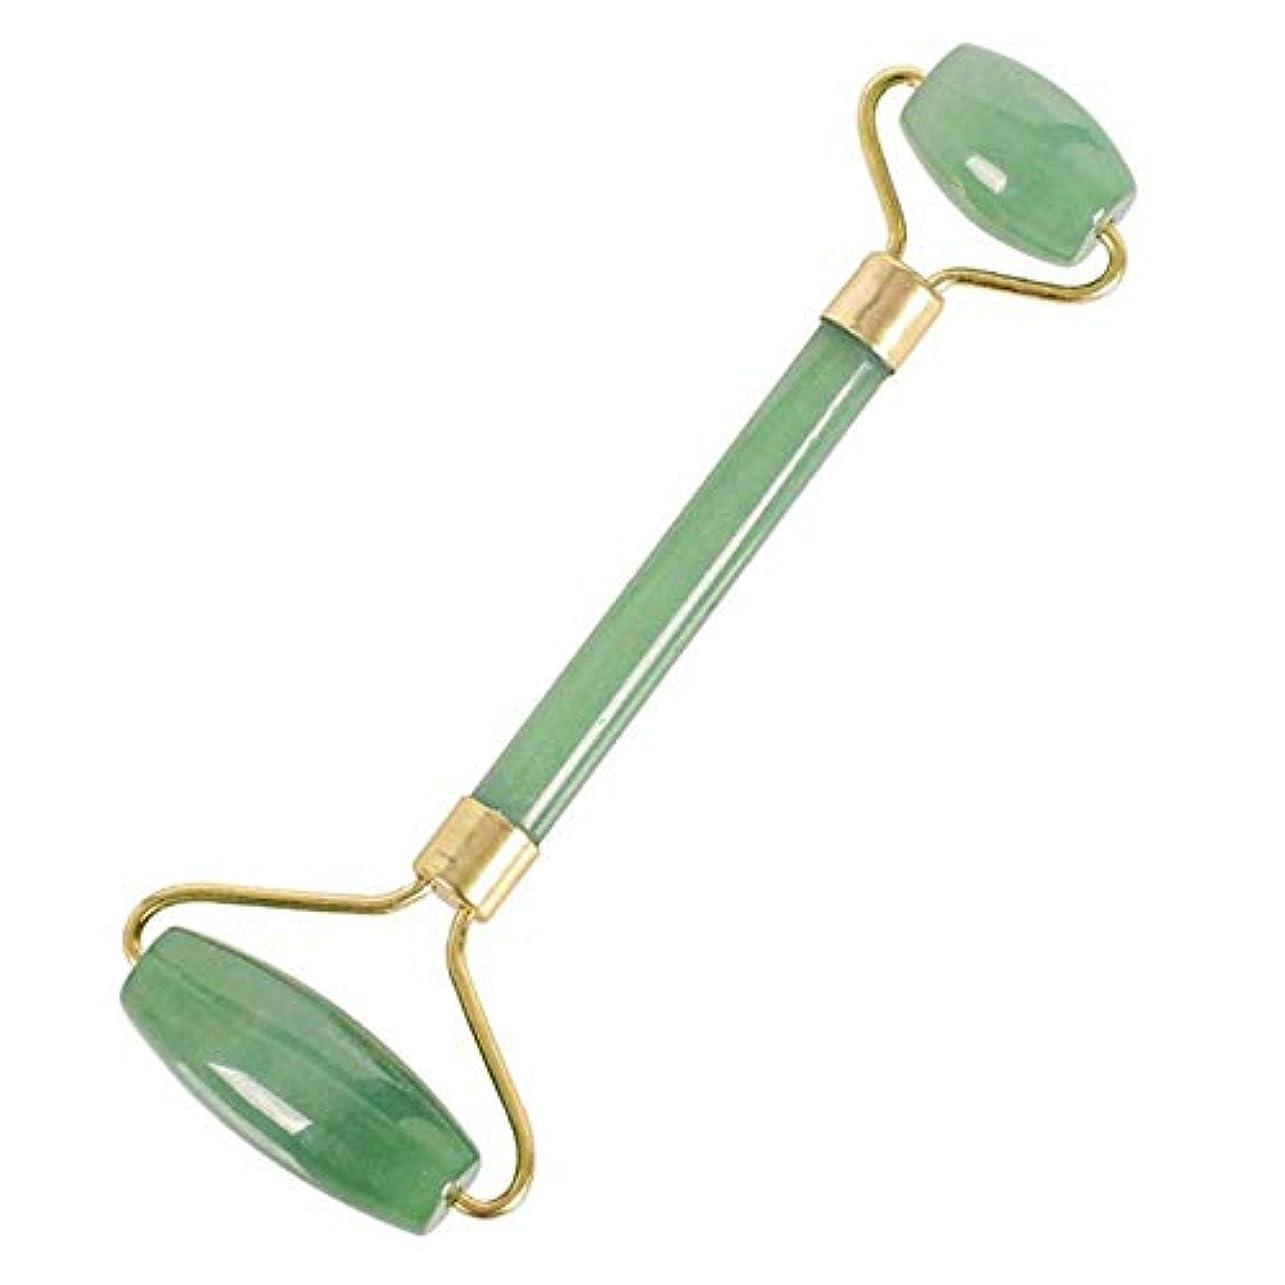 トラブル起きろ手綱Echo & Kern 翡翠フェイスマッサジローラー Double head Jade Stone Derma Roller (green jade roller)